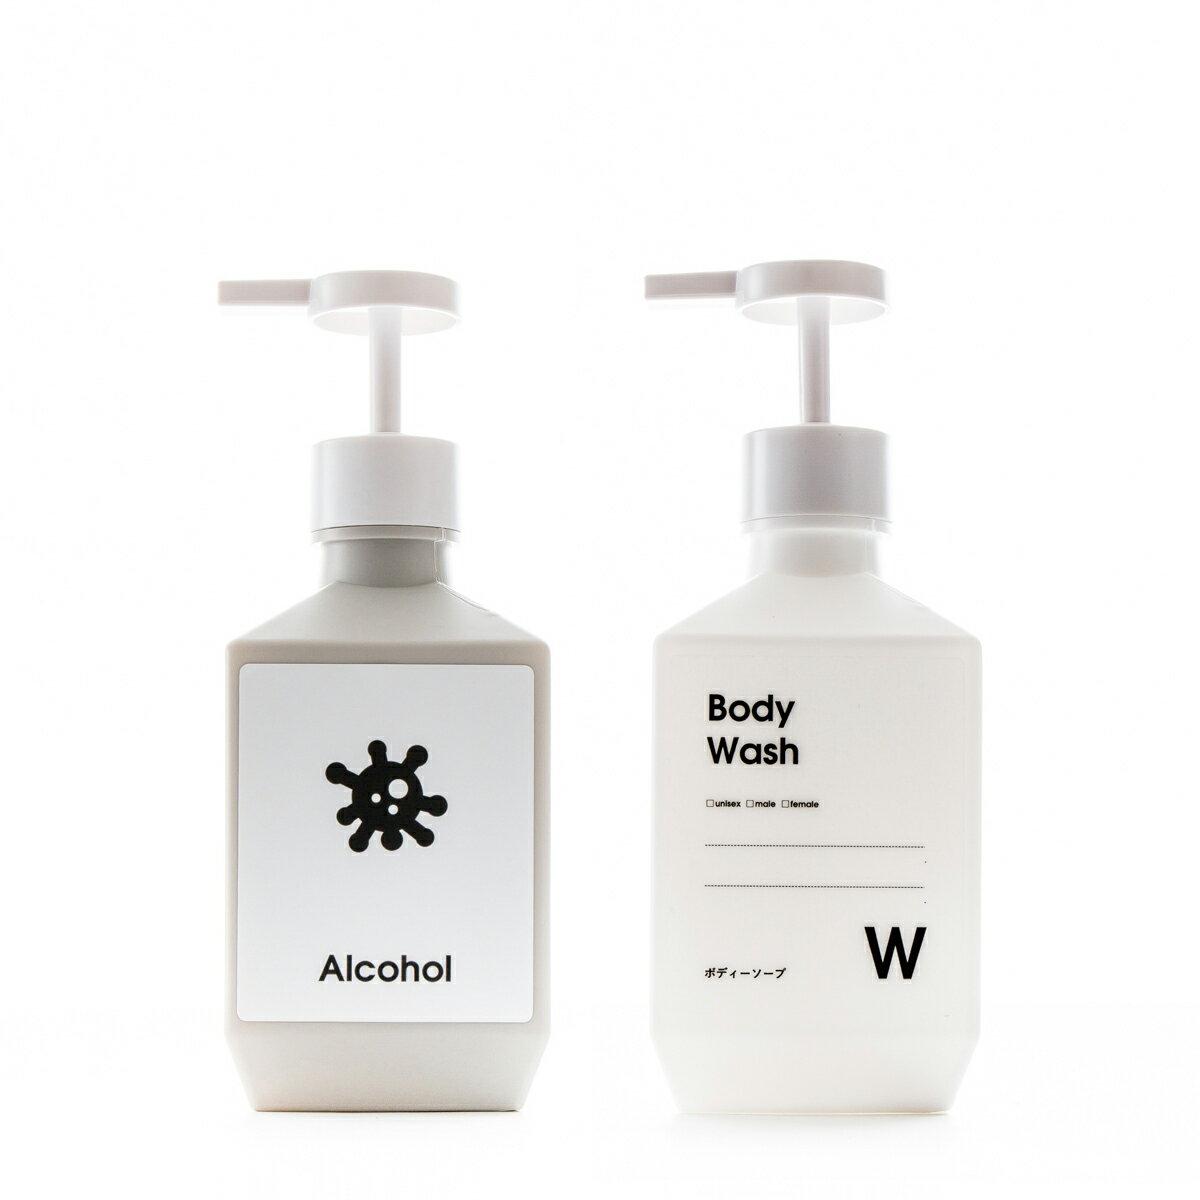 シンプルで多目的に使える詰め替えボトルのポンプタイプ、ソープディスペンサーやシャンプーボトルやキッチン洗剤容器に[ローションボトル PET 400ml]